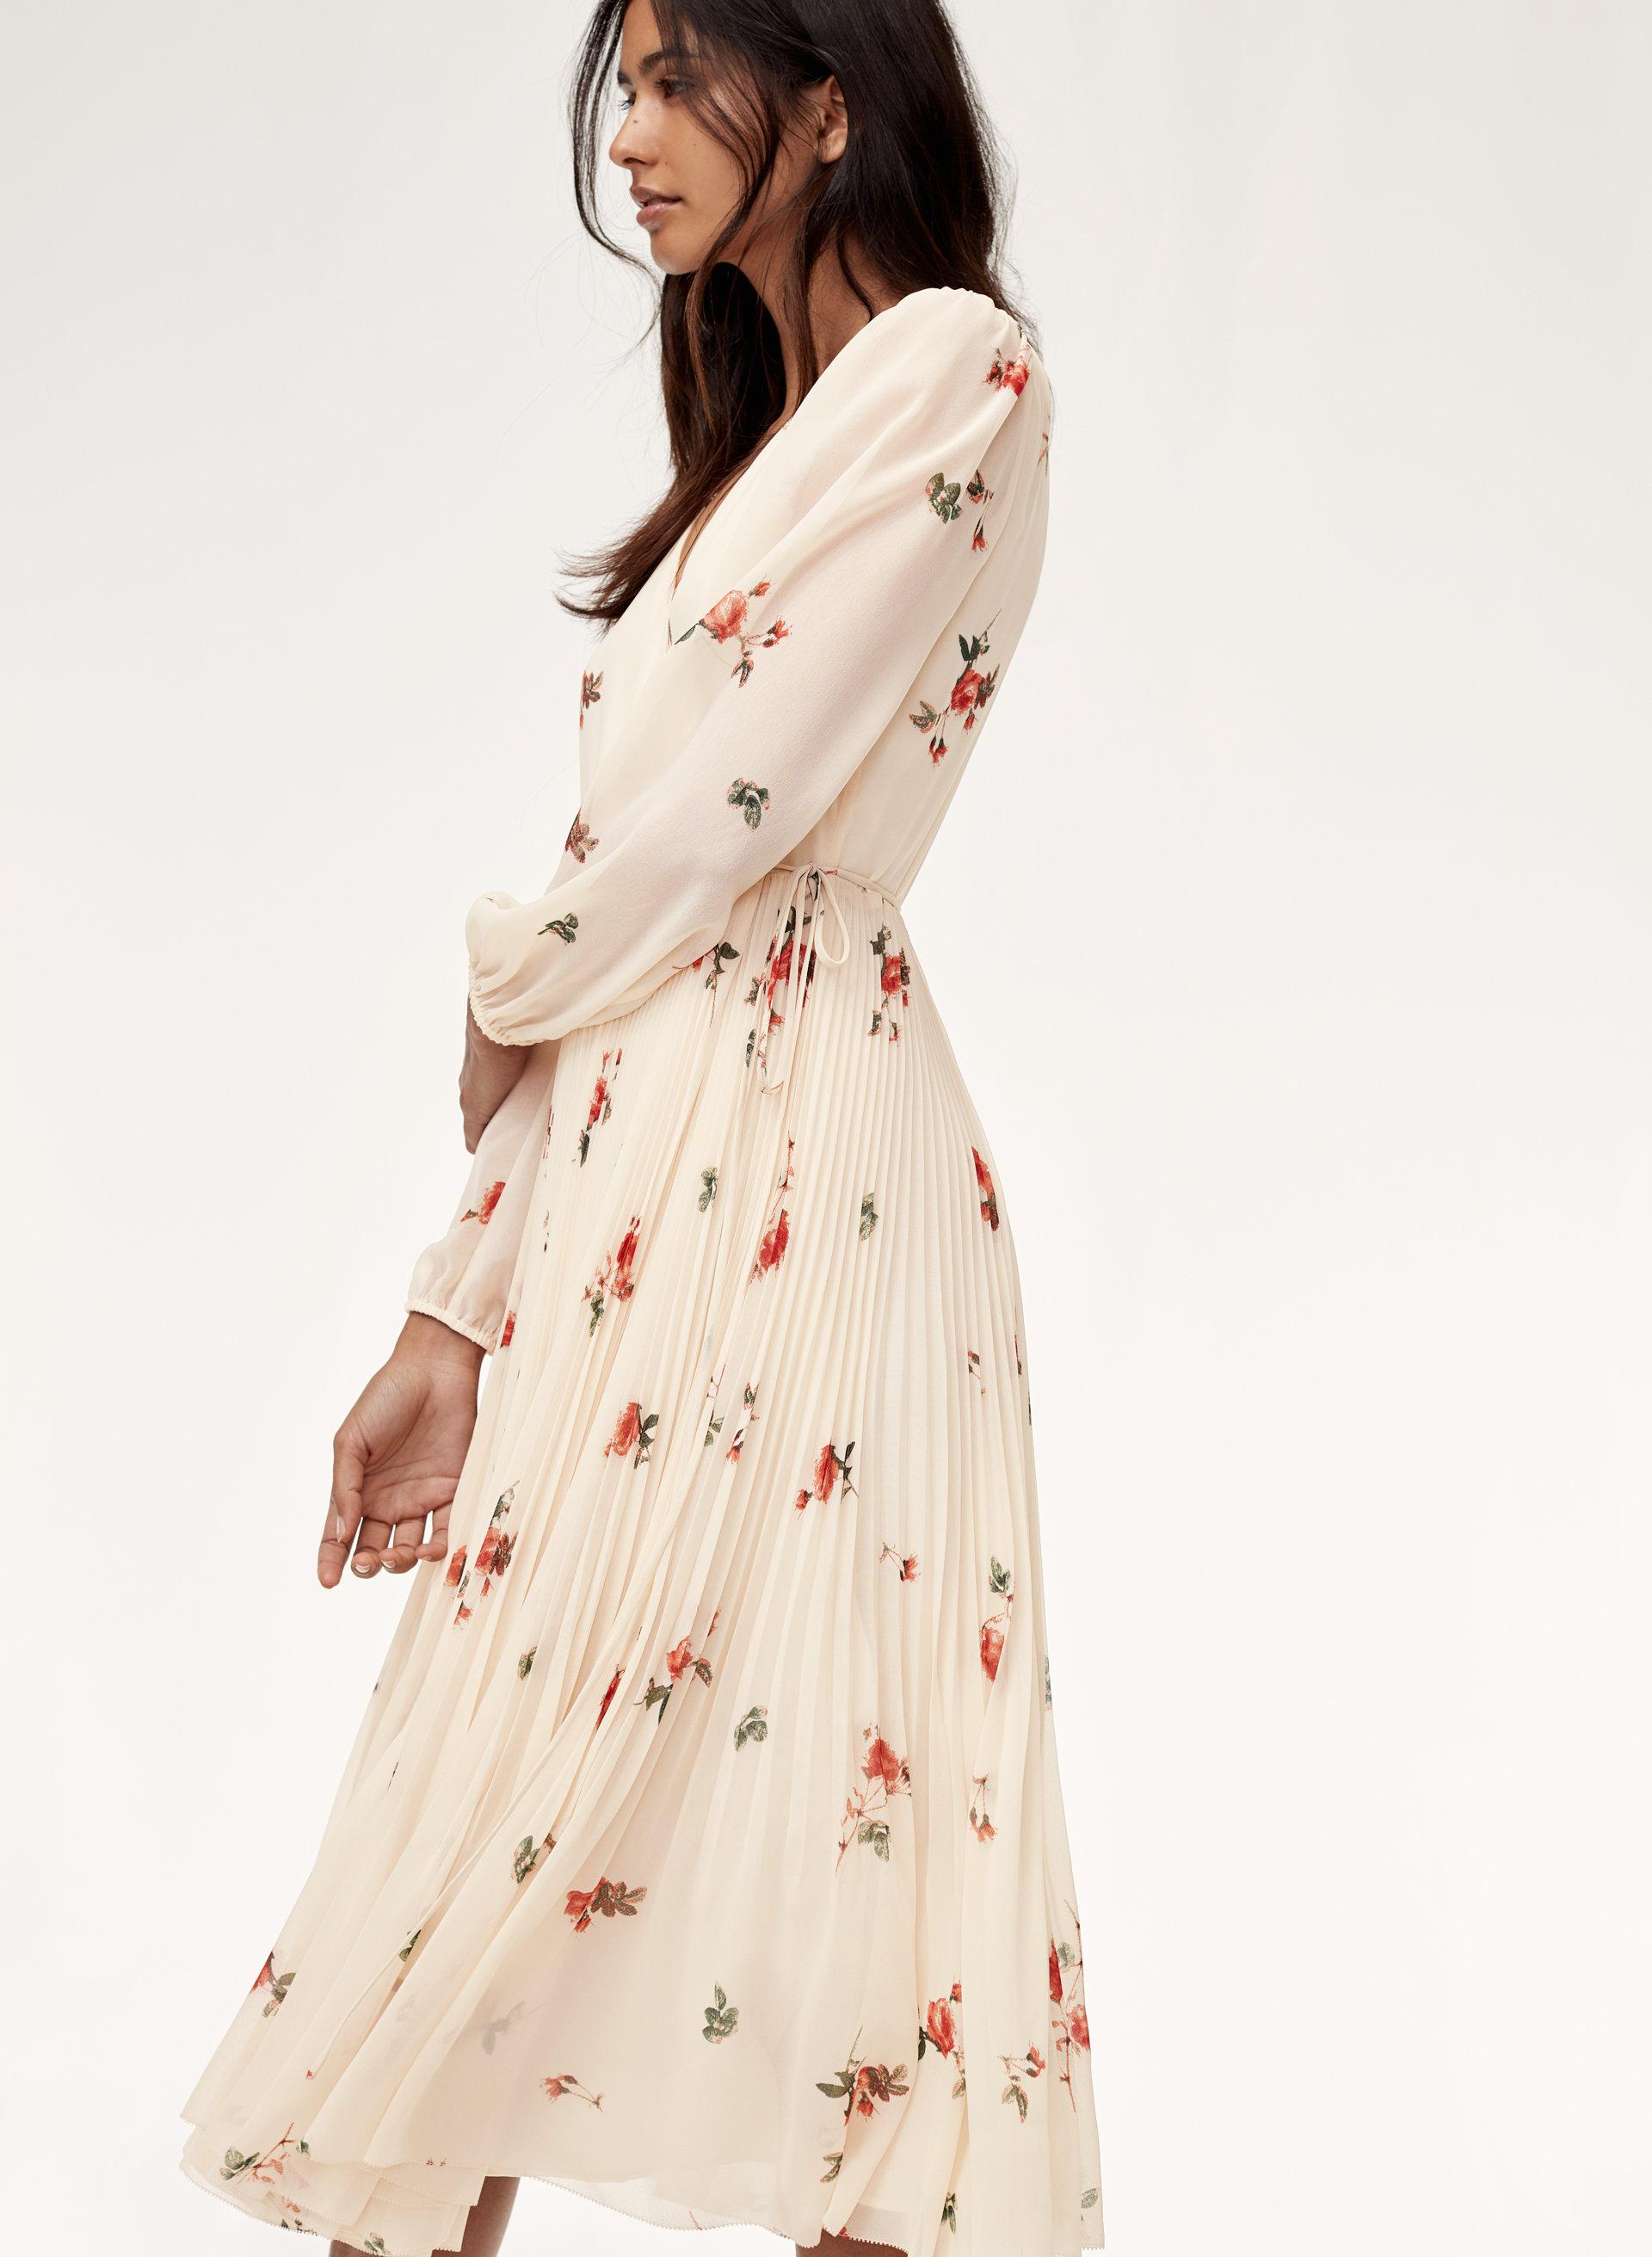 ... Wilfred BEAUNE DRESS - LSLV | Aritzia ...  sc 1 st  Aritzia & Wilfred BEAUNE DRESS - LSLV | Aritzia CA